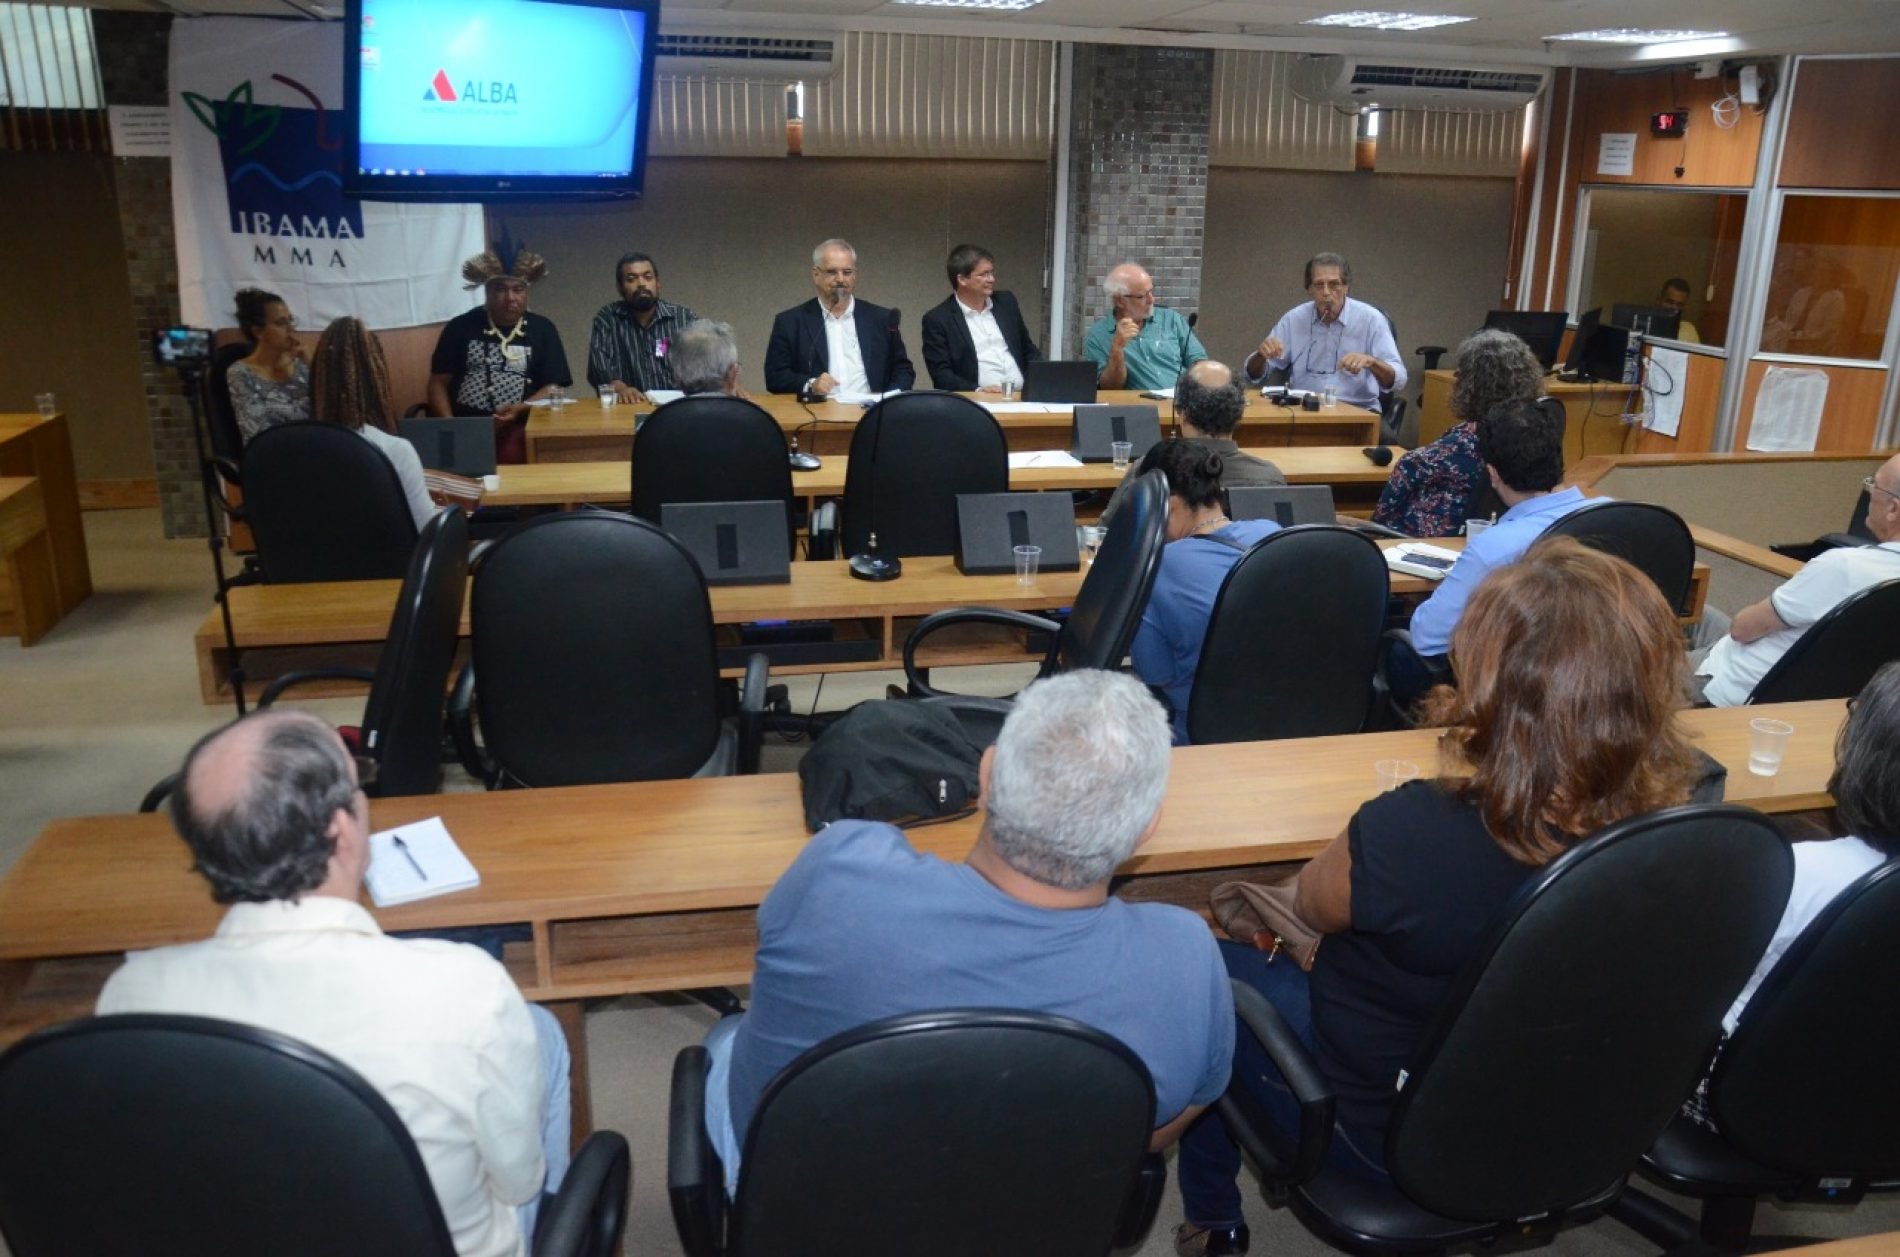 ALBA: Audiência Pública debate retrocessos a pauta ambiental com governo Bolsonaro